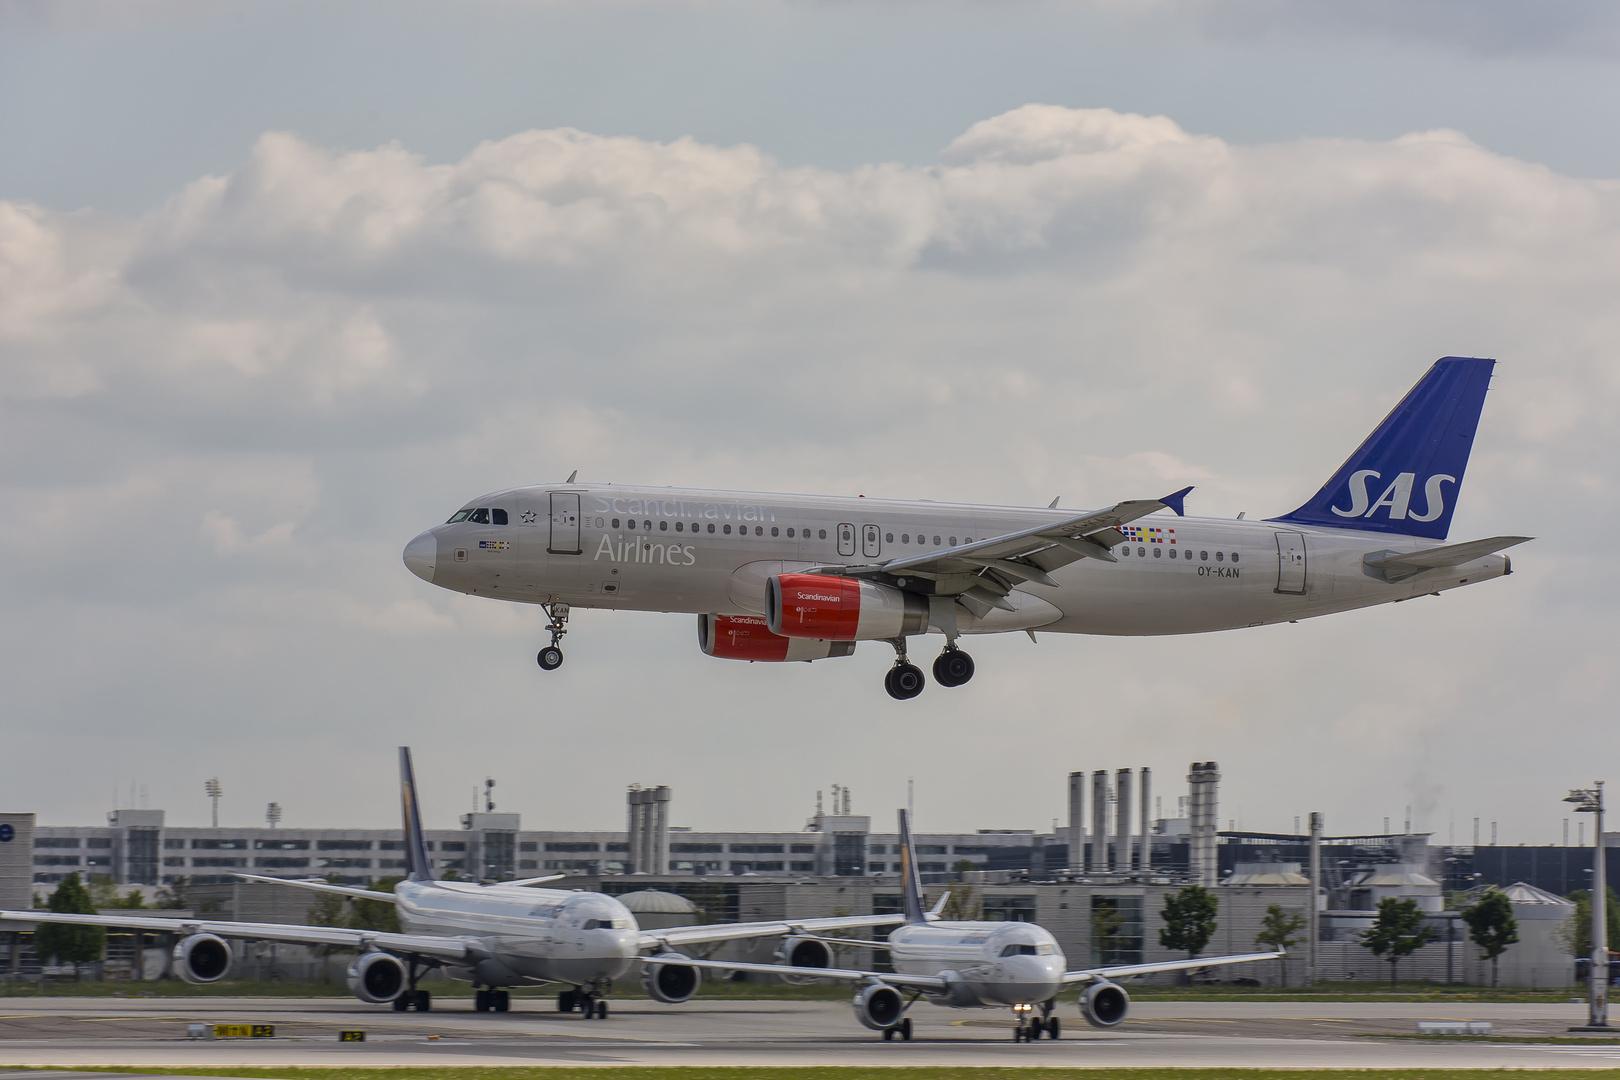 SAS im Landeanflug